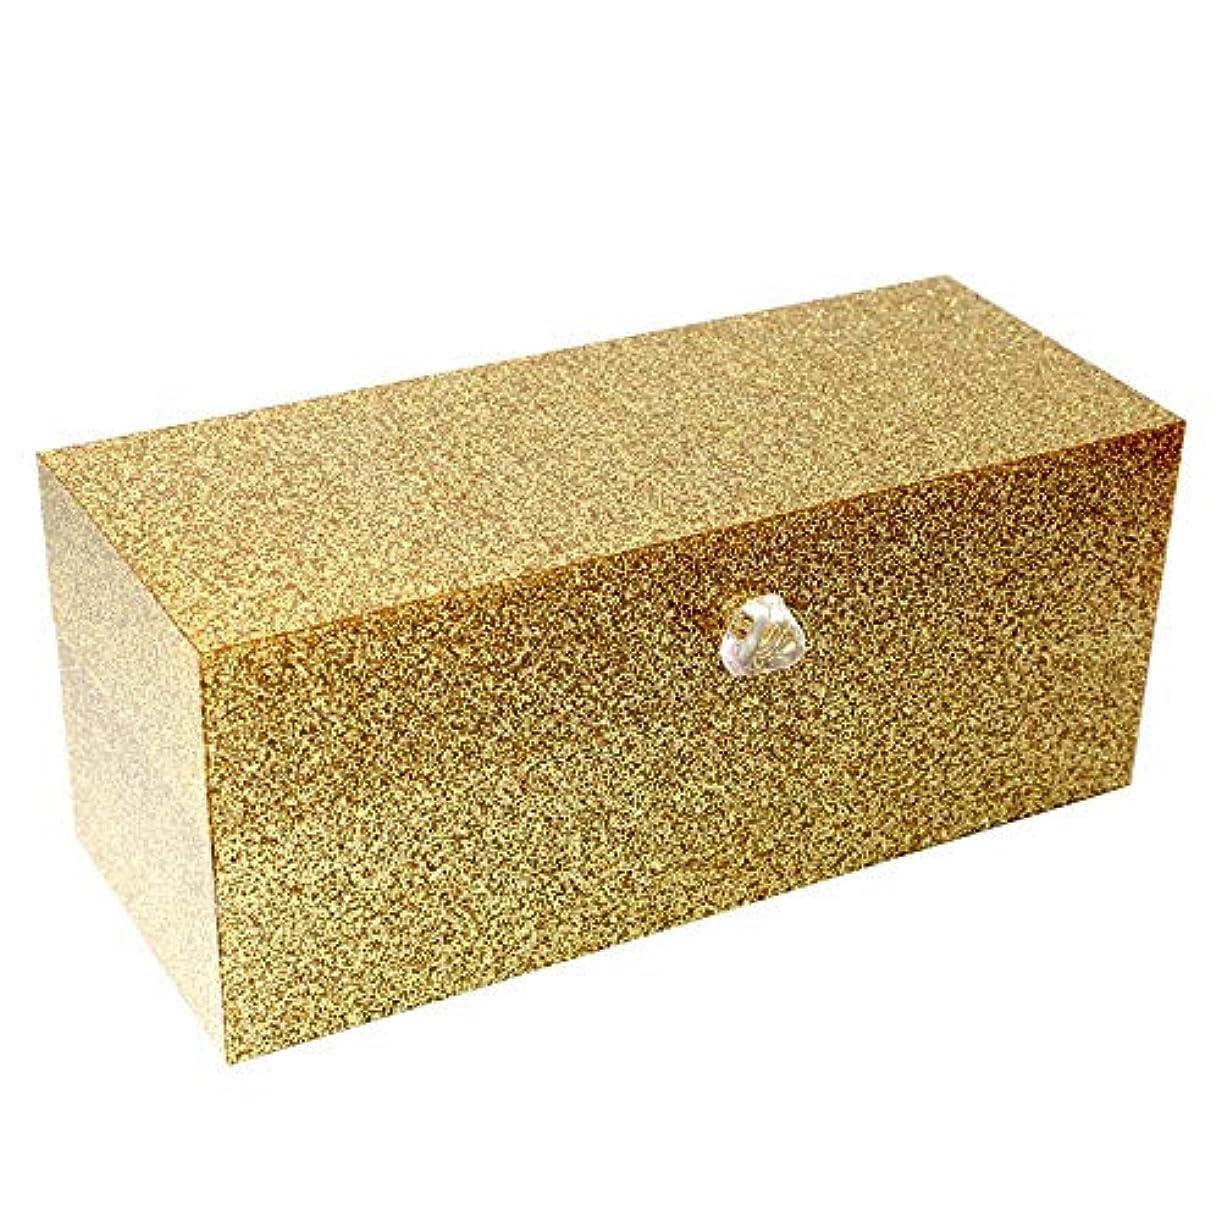 世界の窓否定するスチュワード整理簡単 口紅のアクリルの付属品を収納するための24のコンパートメントが付いている簡単な構造の貯蔵ふたが付いているオルガナイザー(金) (Color : Gold, Size : 23*9.5*9.2CM)